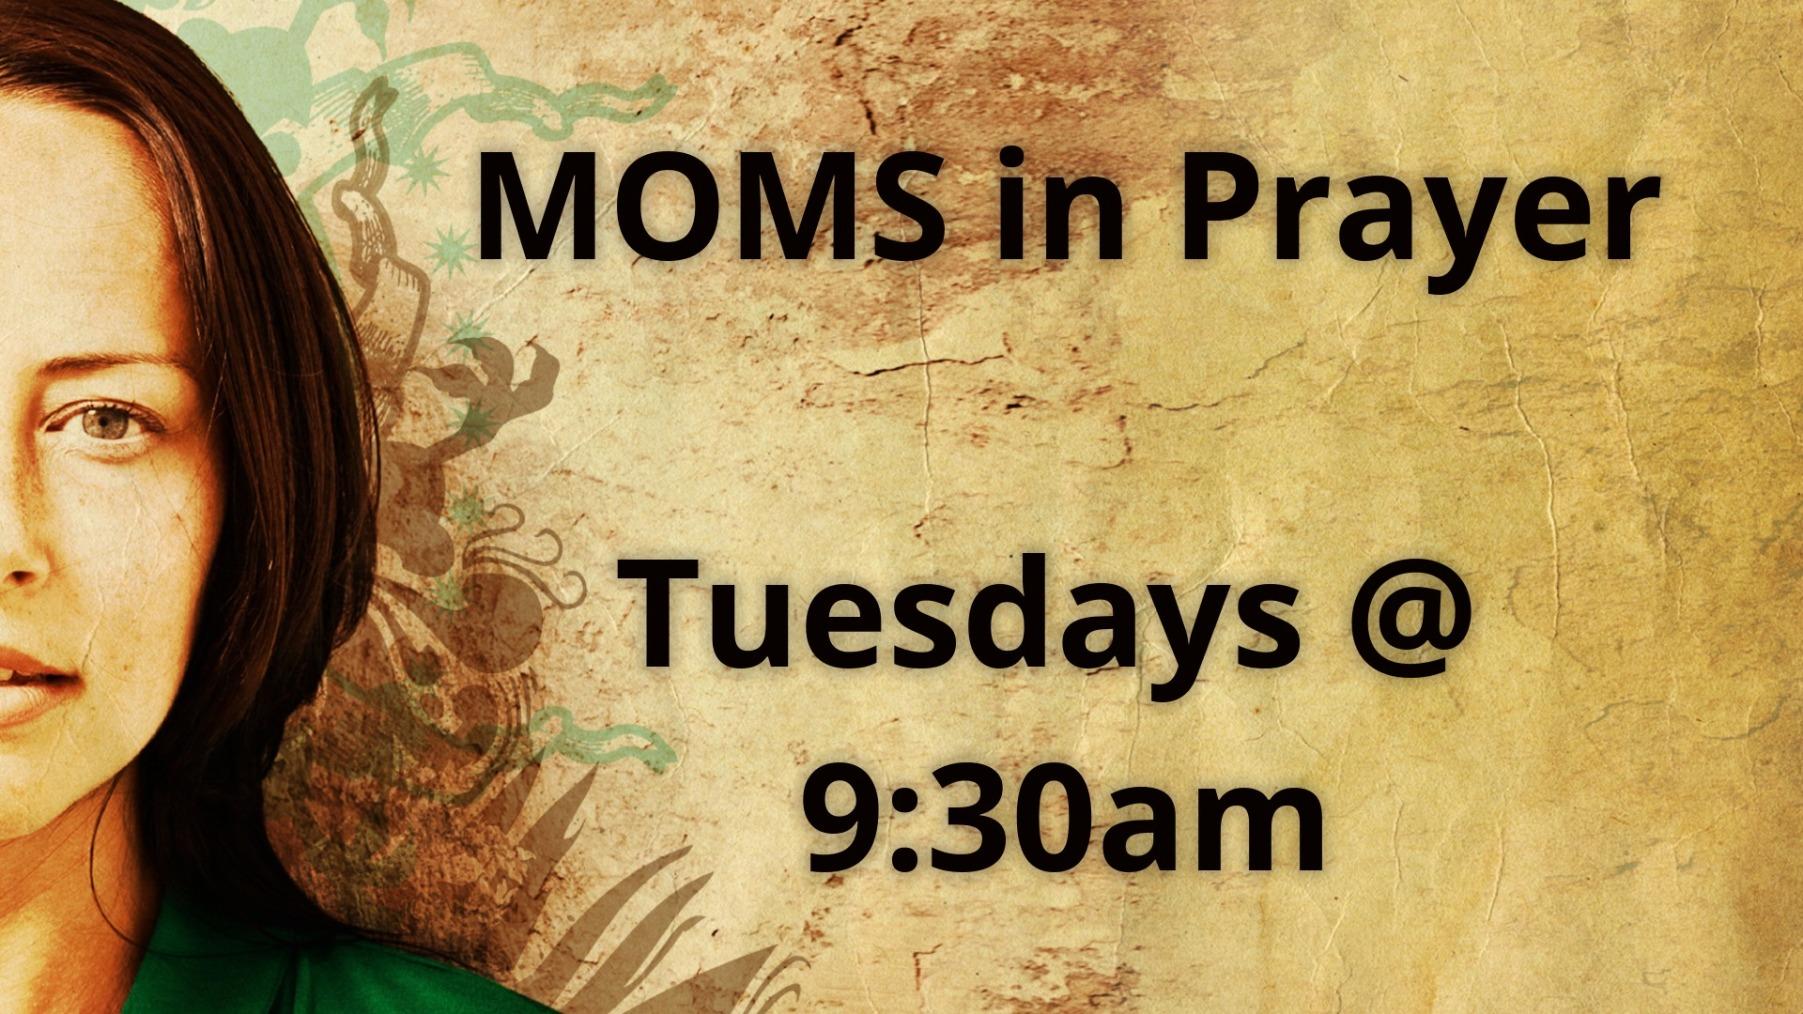 Mom's in Prayer